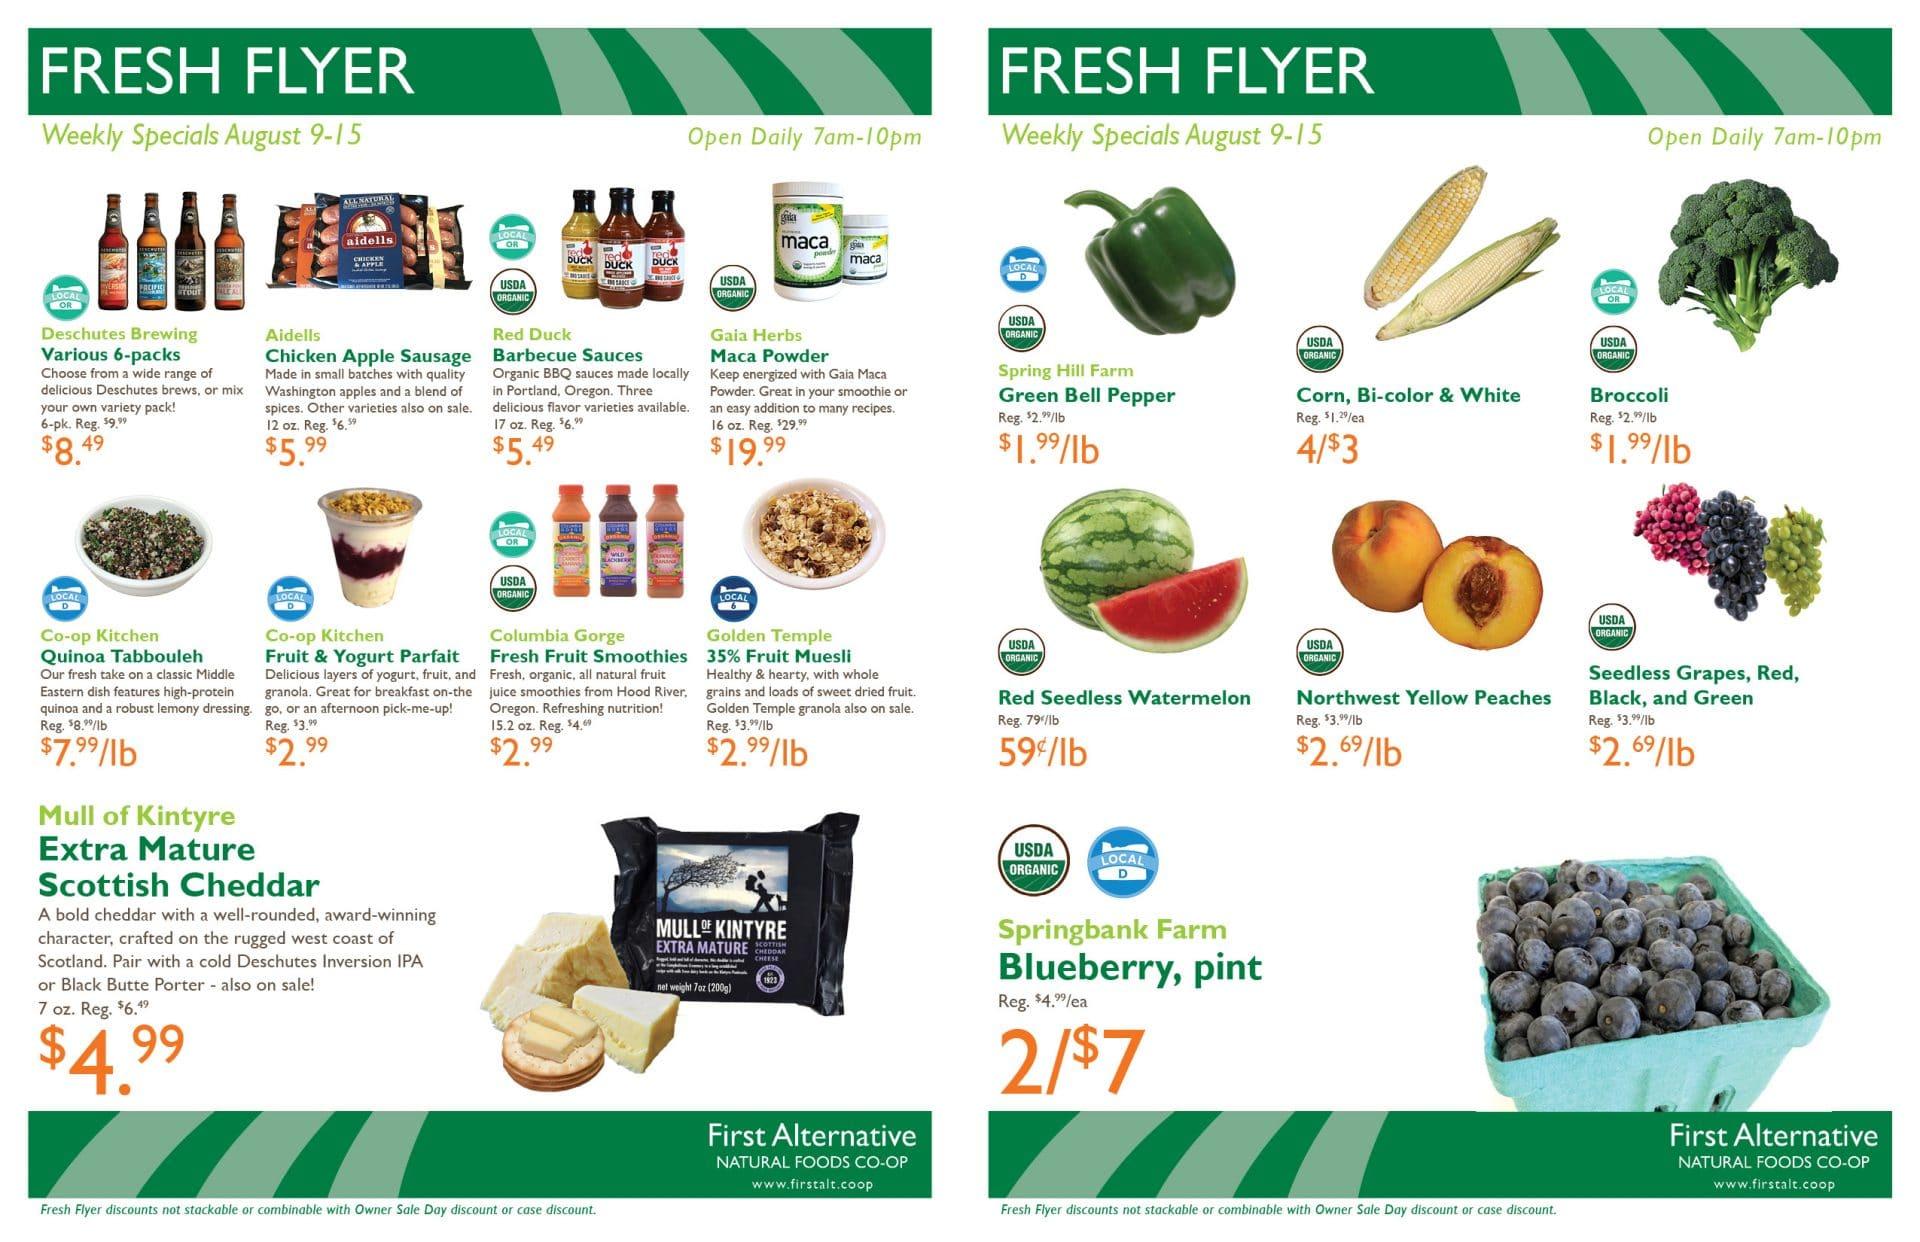 First Alternative Co-op Fresh Flyer August 2-8